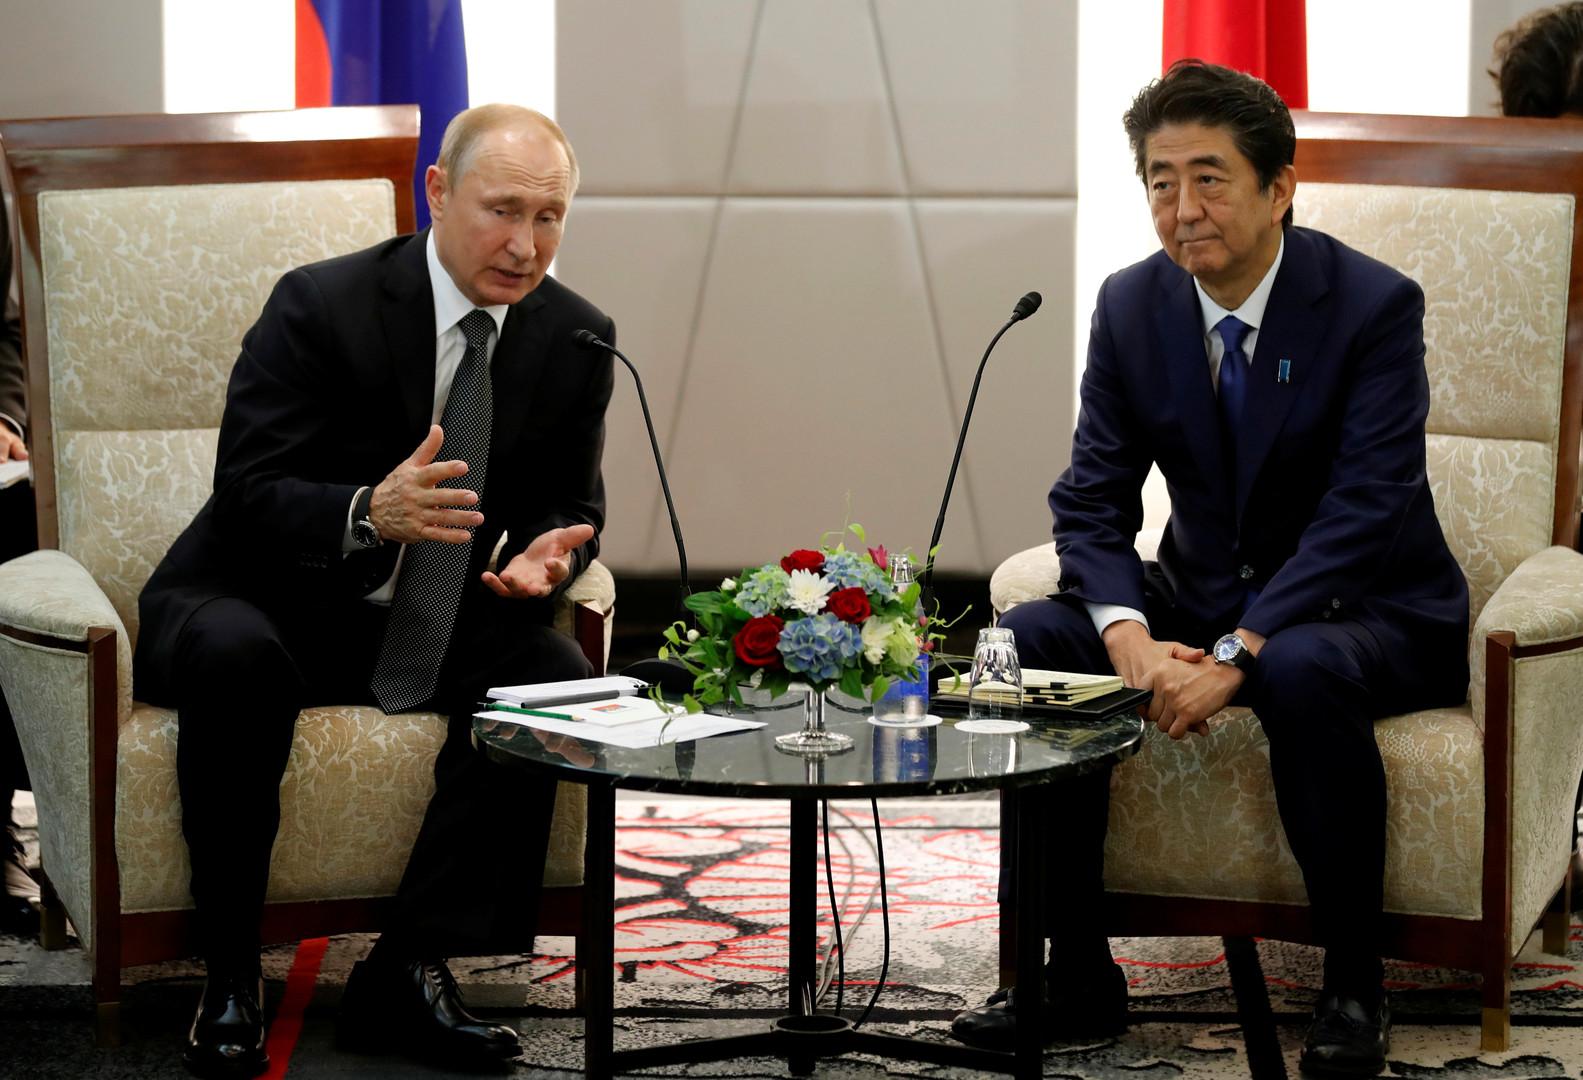 بوتين: الحوار حول معاهدة السلام مع اليابان سيتواصل